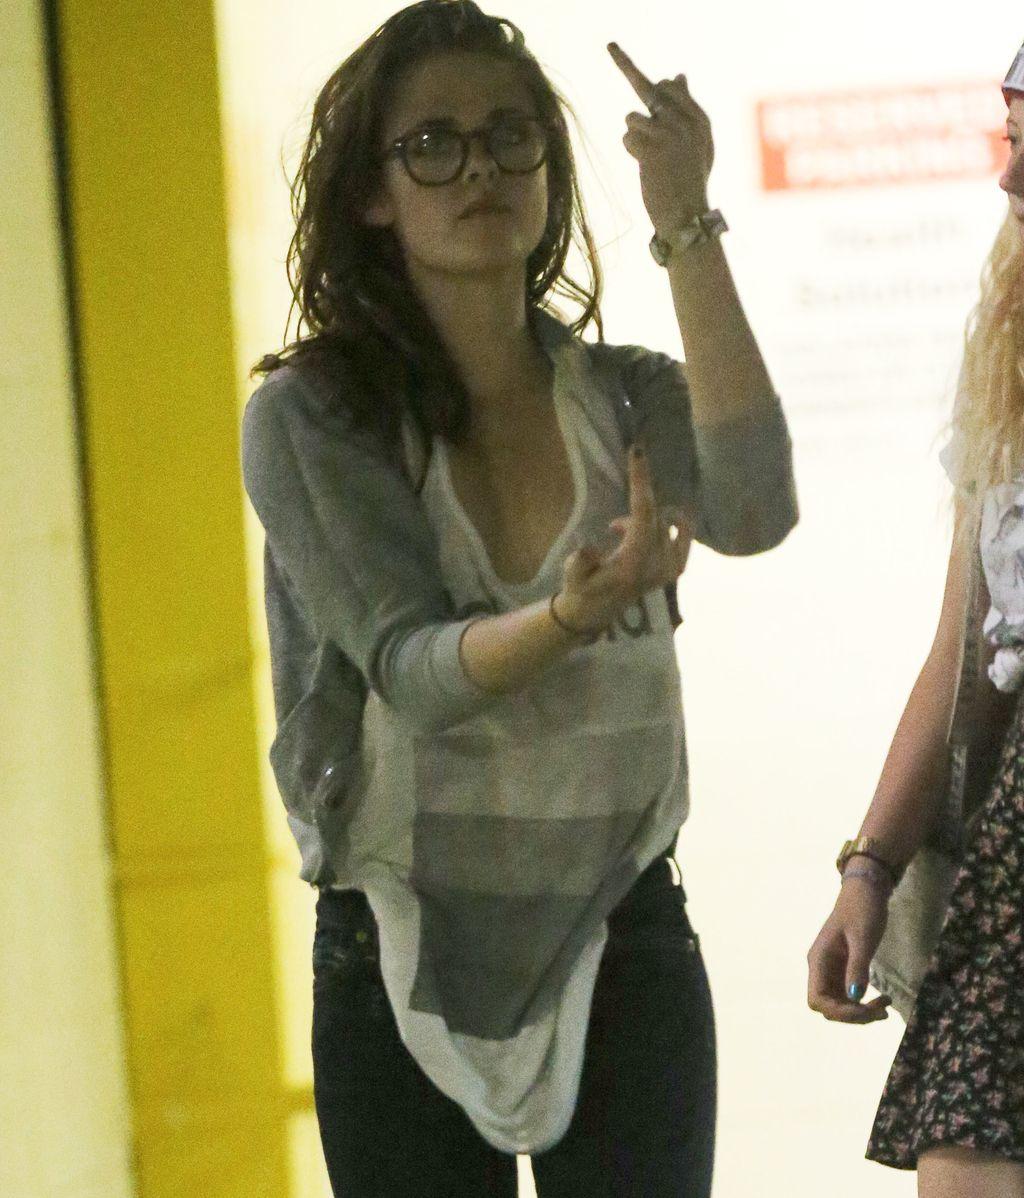 Kristen Stewart, enfadada con la prensa tras su ruptura con Pattinson